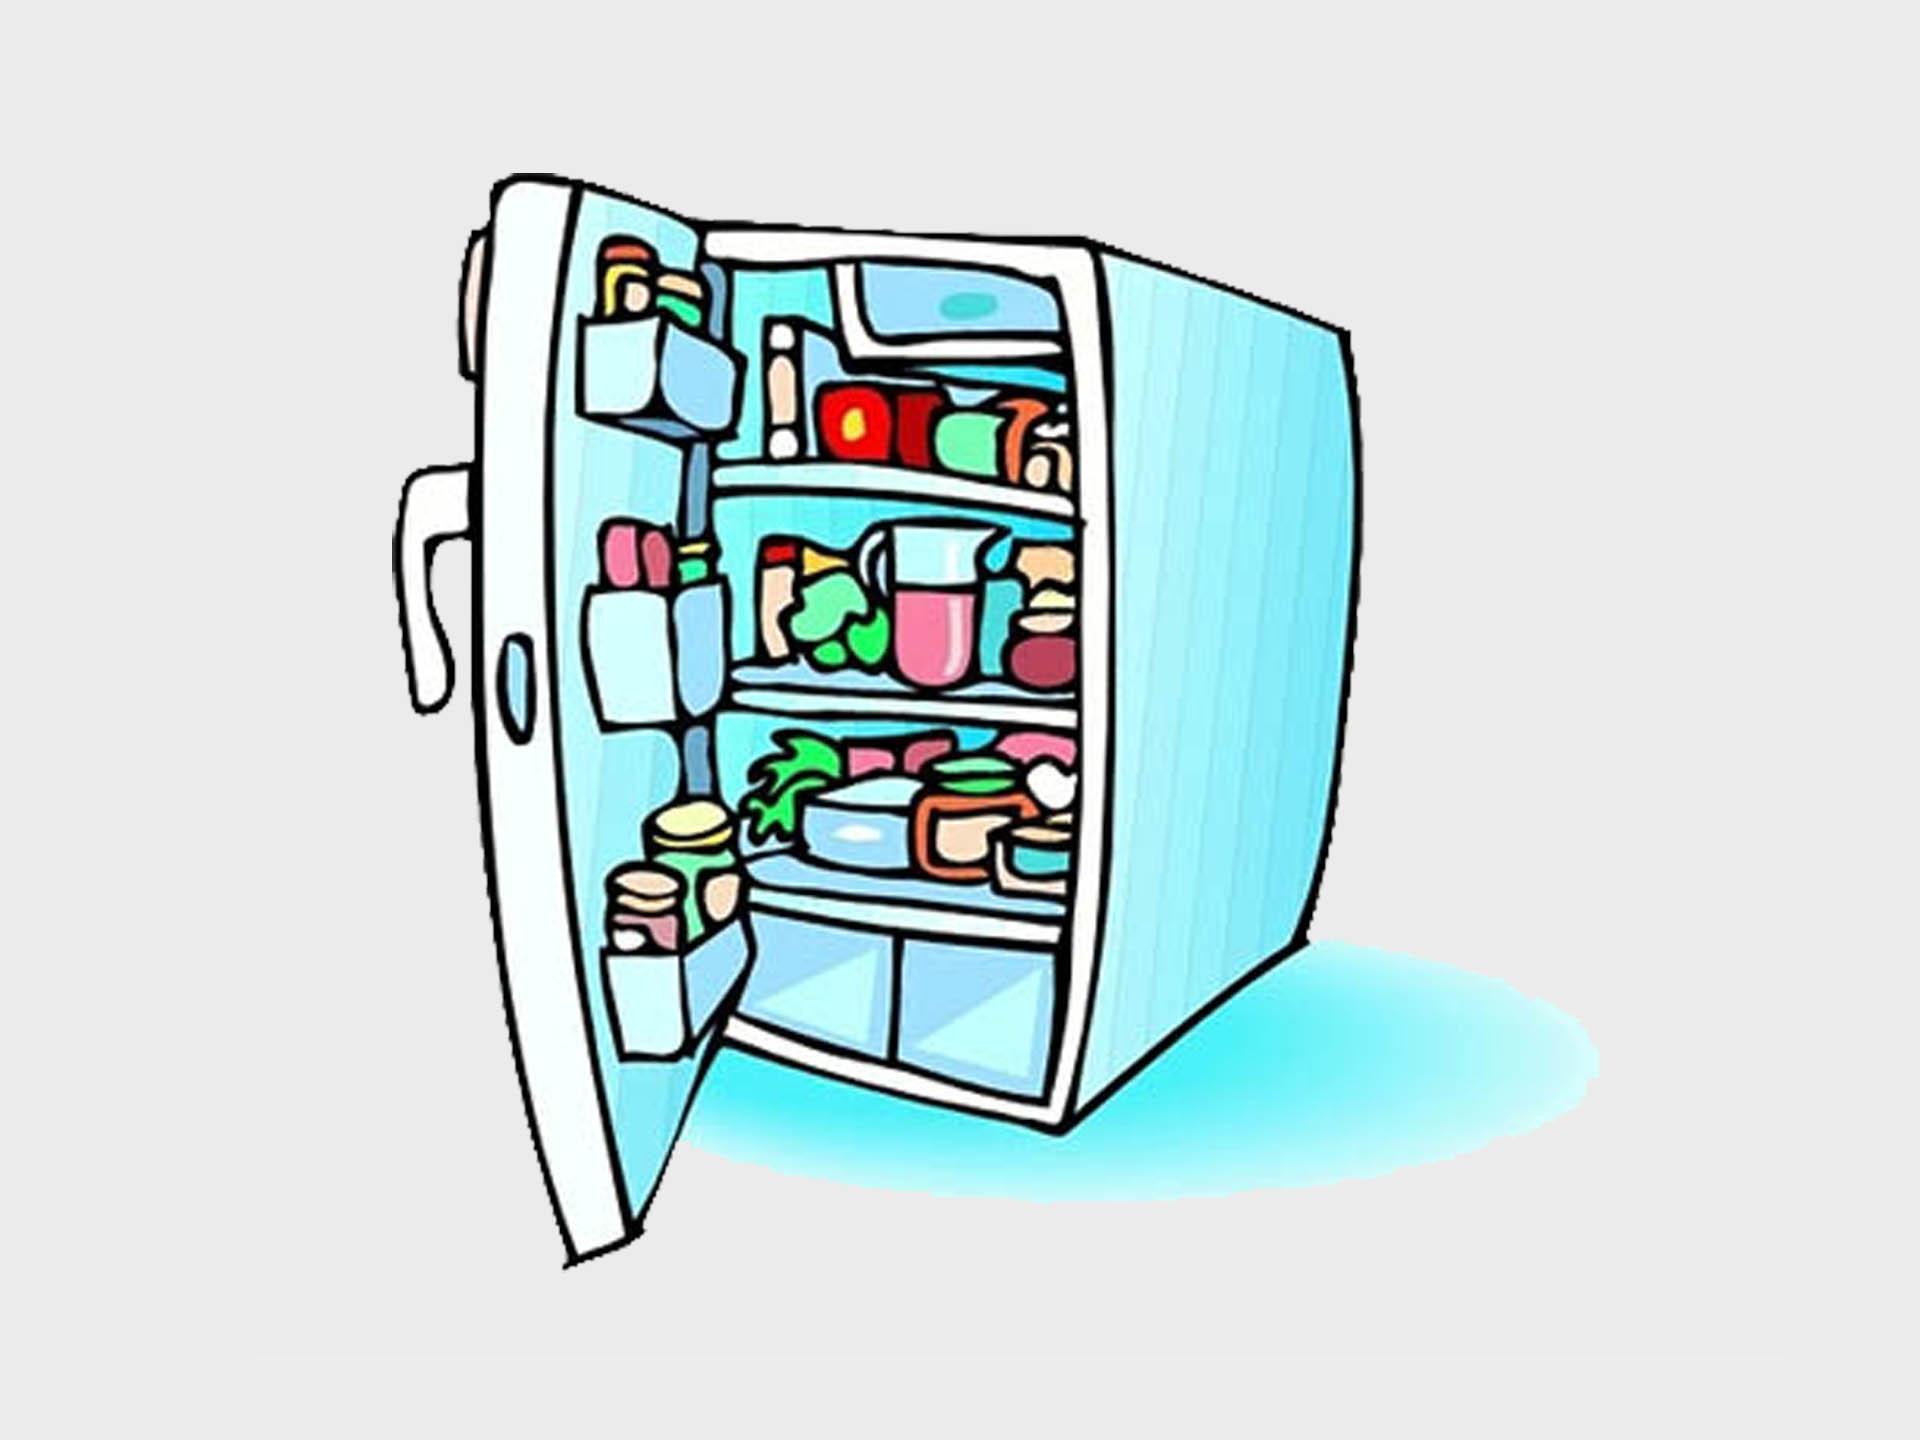 রেফ্রিজারেটর ব্যবহারের নিয়মাবলী -Refrigerator Operating Guide